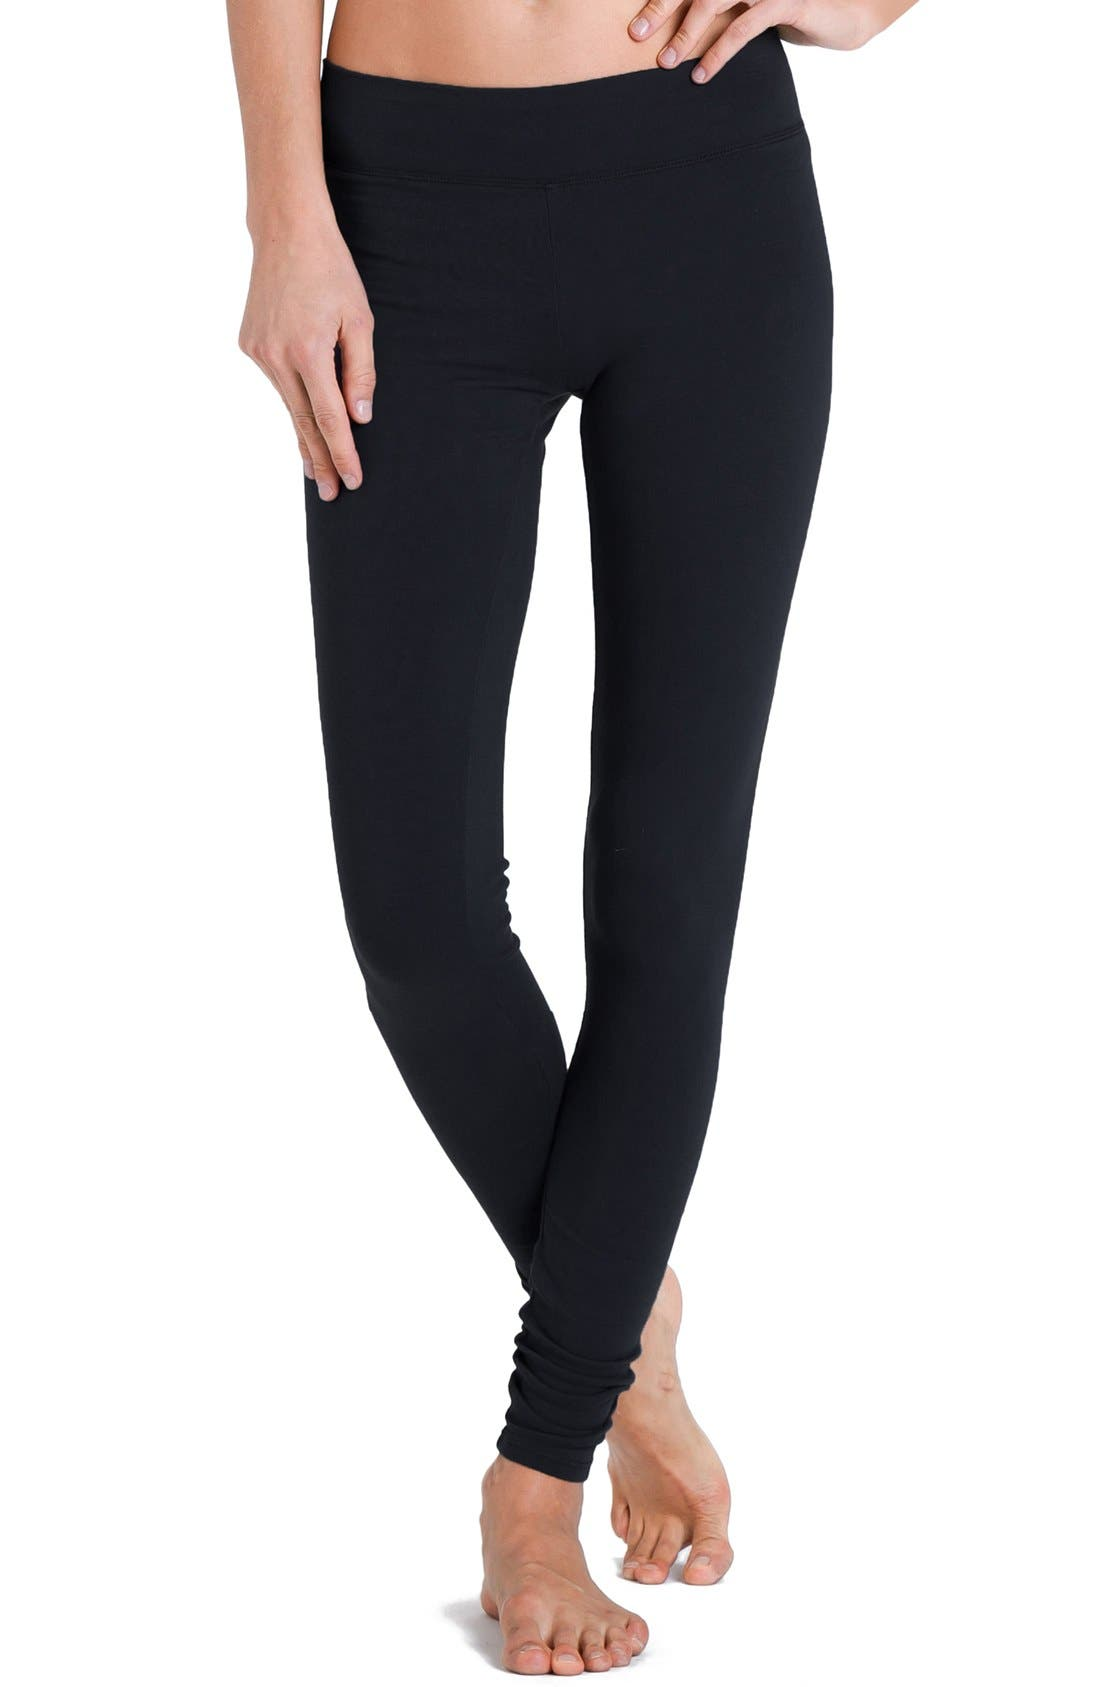 LAMADE Flat Waistband Leggings